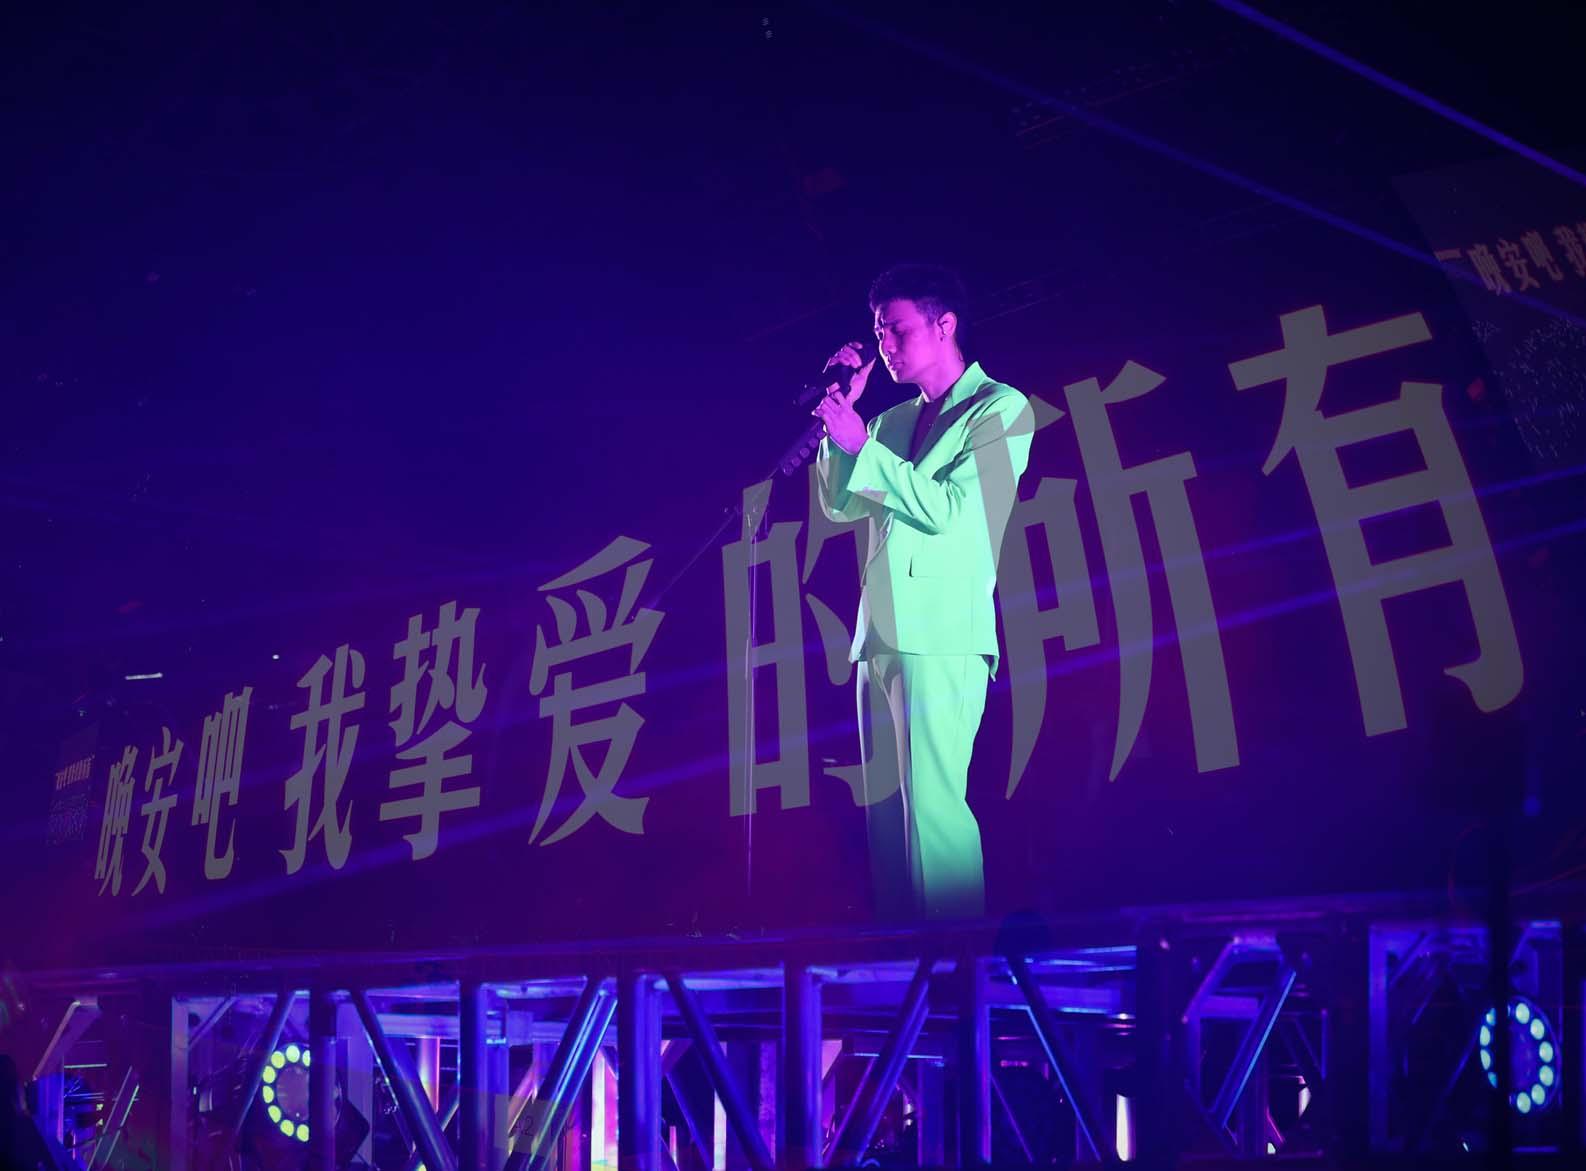 李荣浩巡演青岛献唱《爸爸妈妈》致敬母亲节